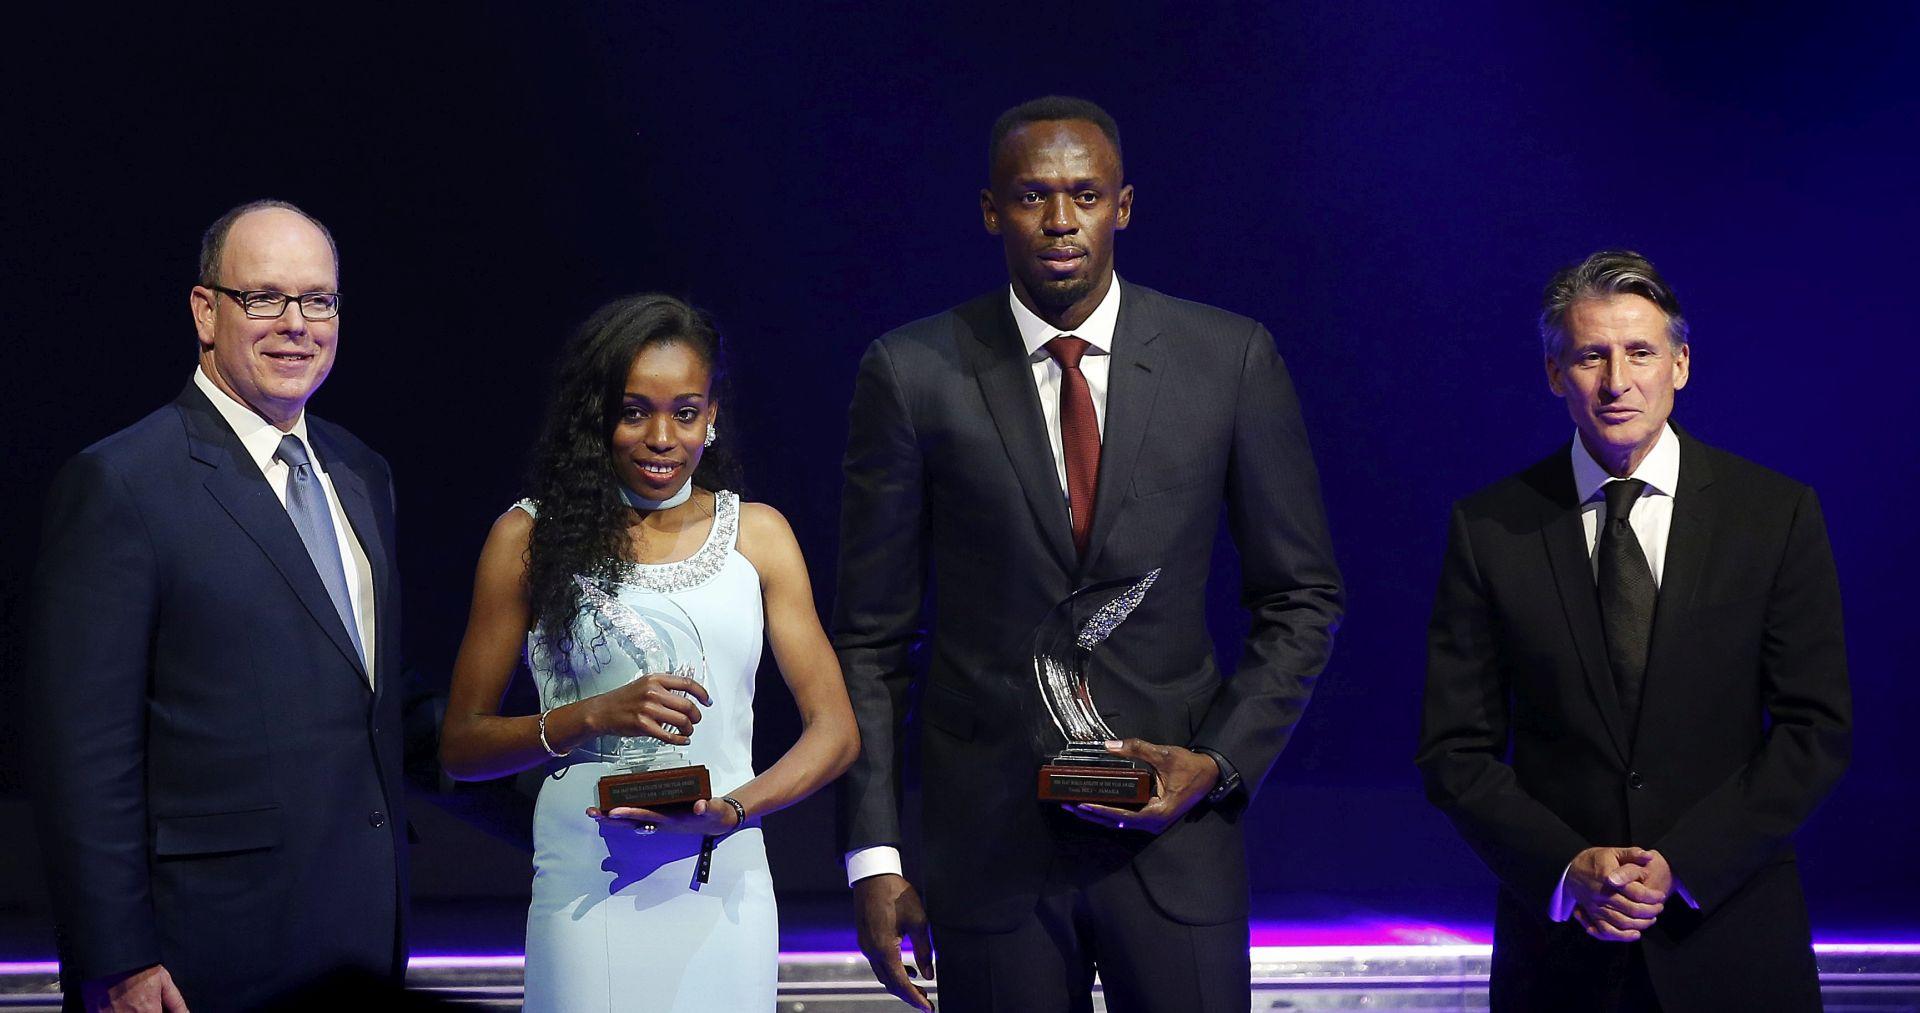 IAAF NAGRADE Usain Bolt i Almaz Ayana najbolji atletičari 2016.